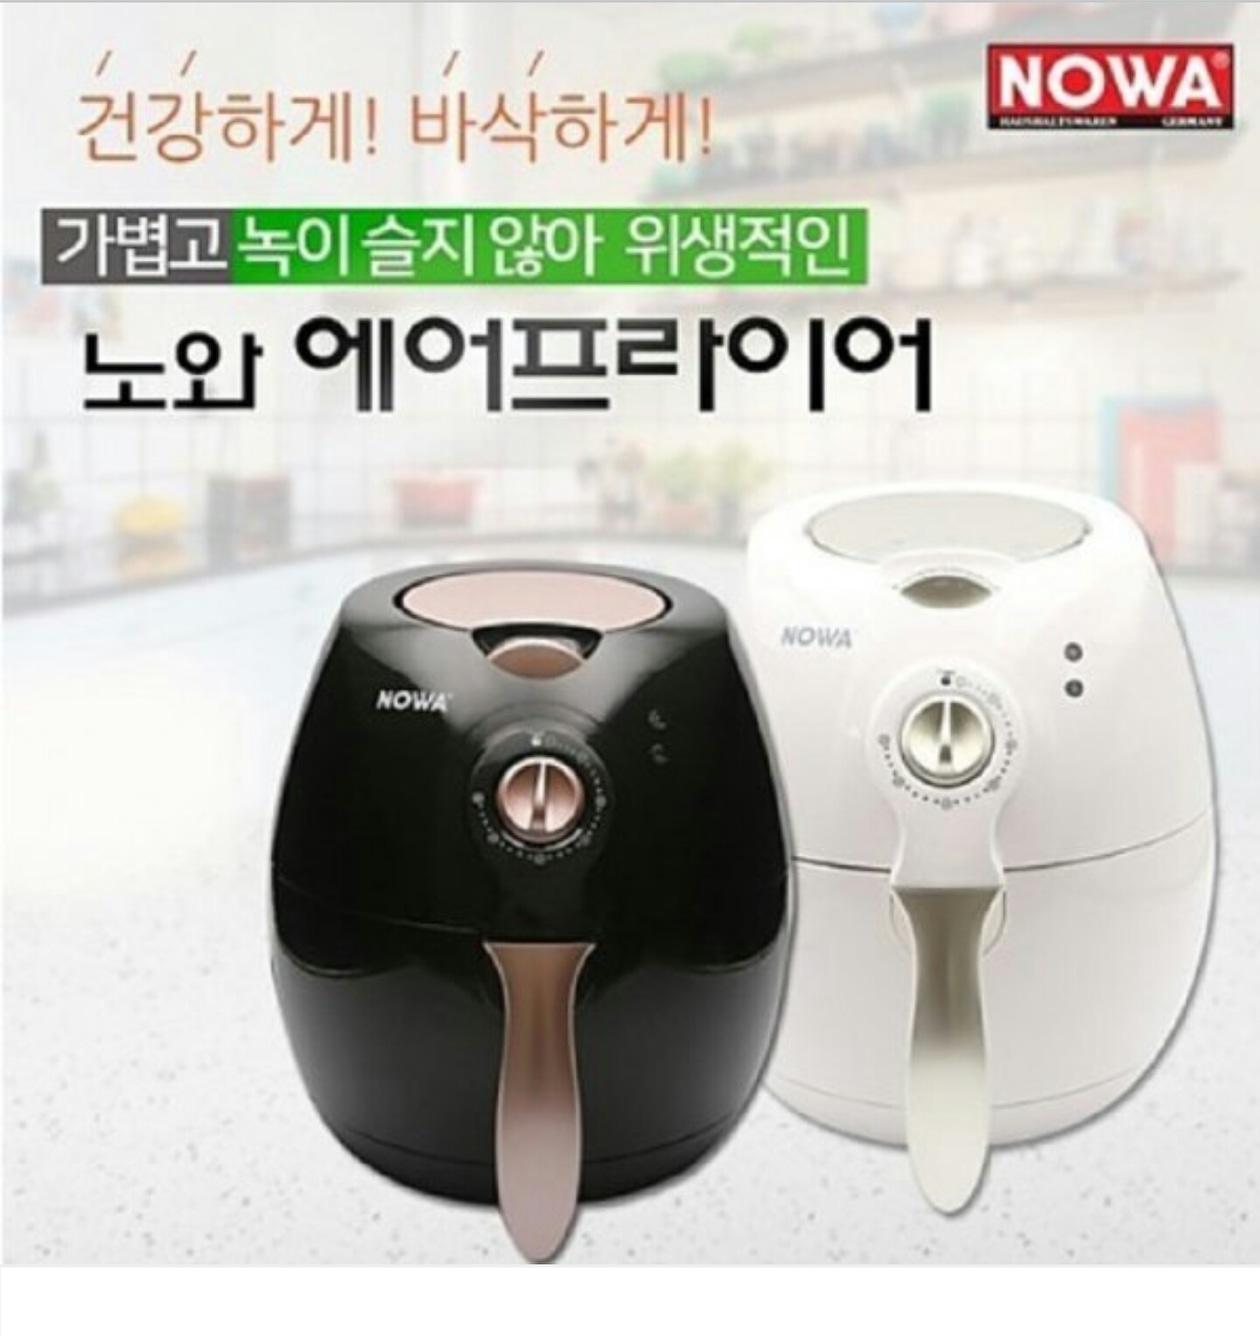 노와 에어프라이어 2.3리터/대용량 에어프라이어/오븐/전기튀김기